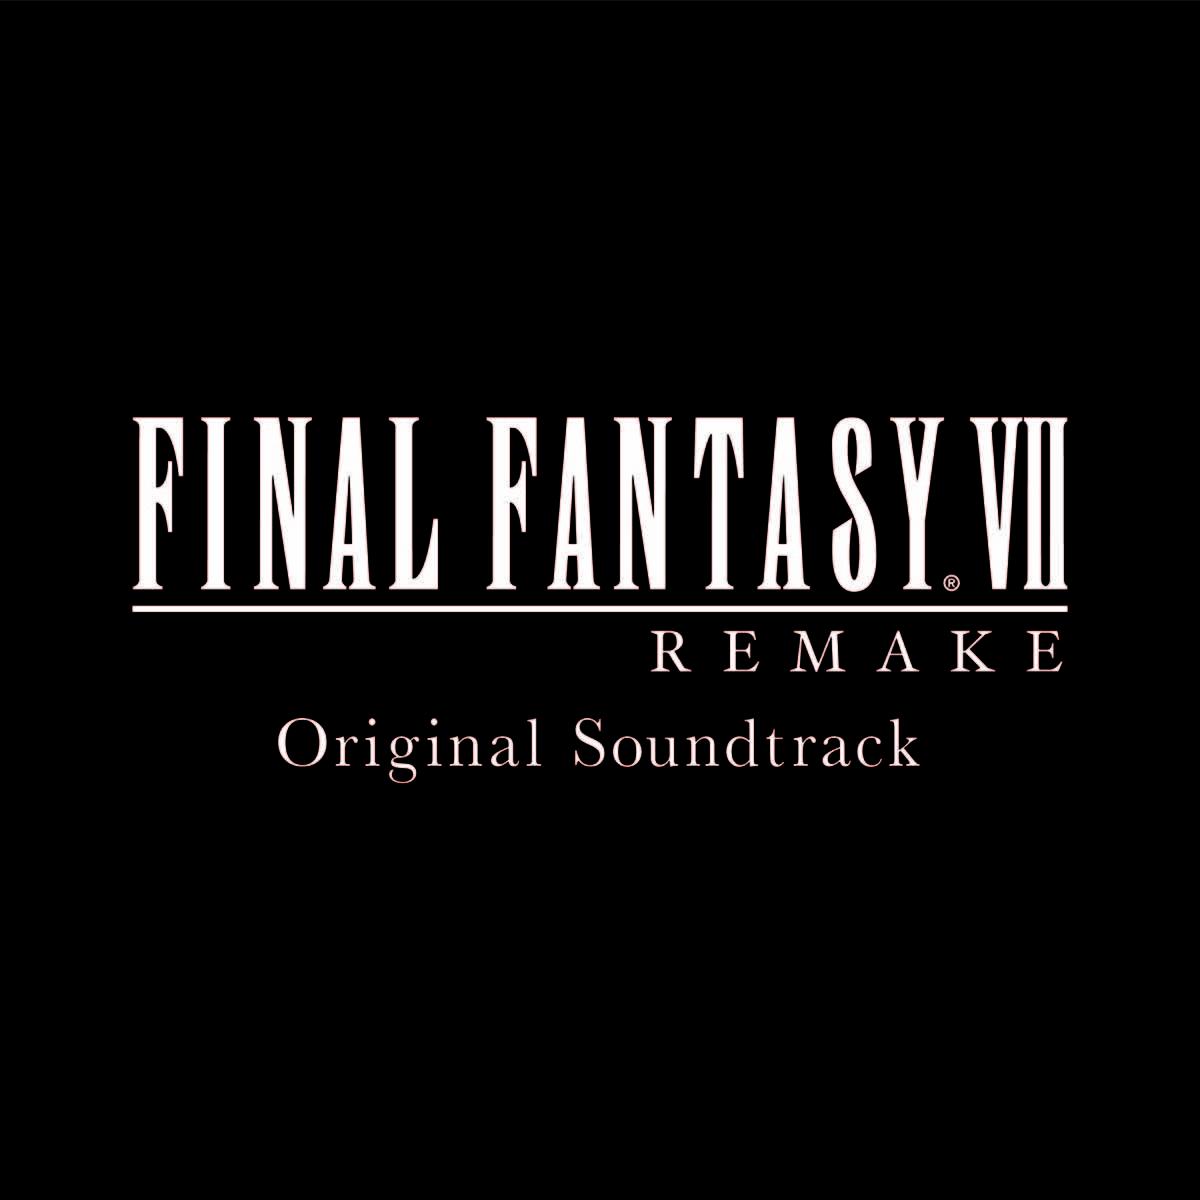 『FINAL FANTASY VII REMAKE Original Soundtrack』サブスクパッケージ